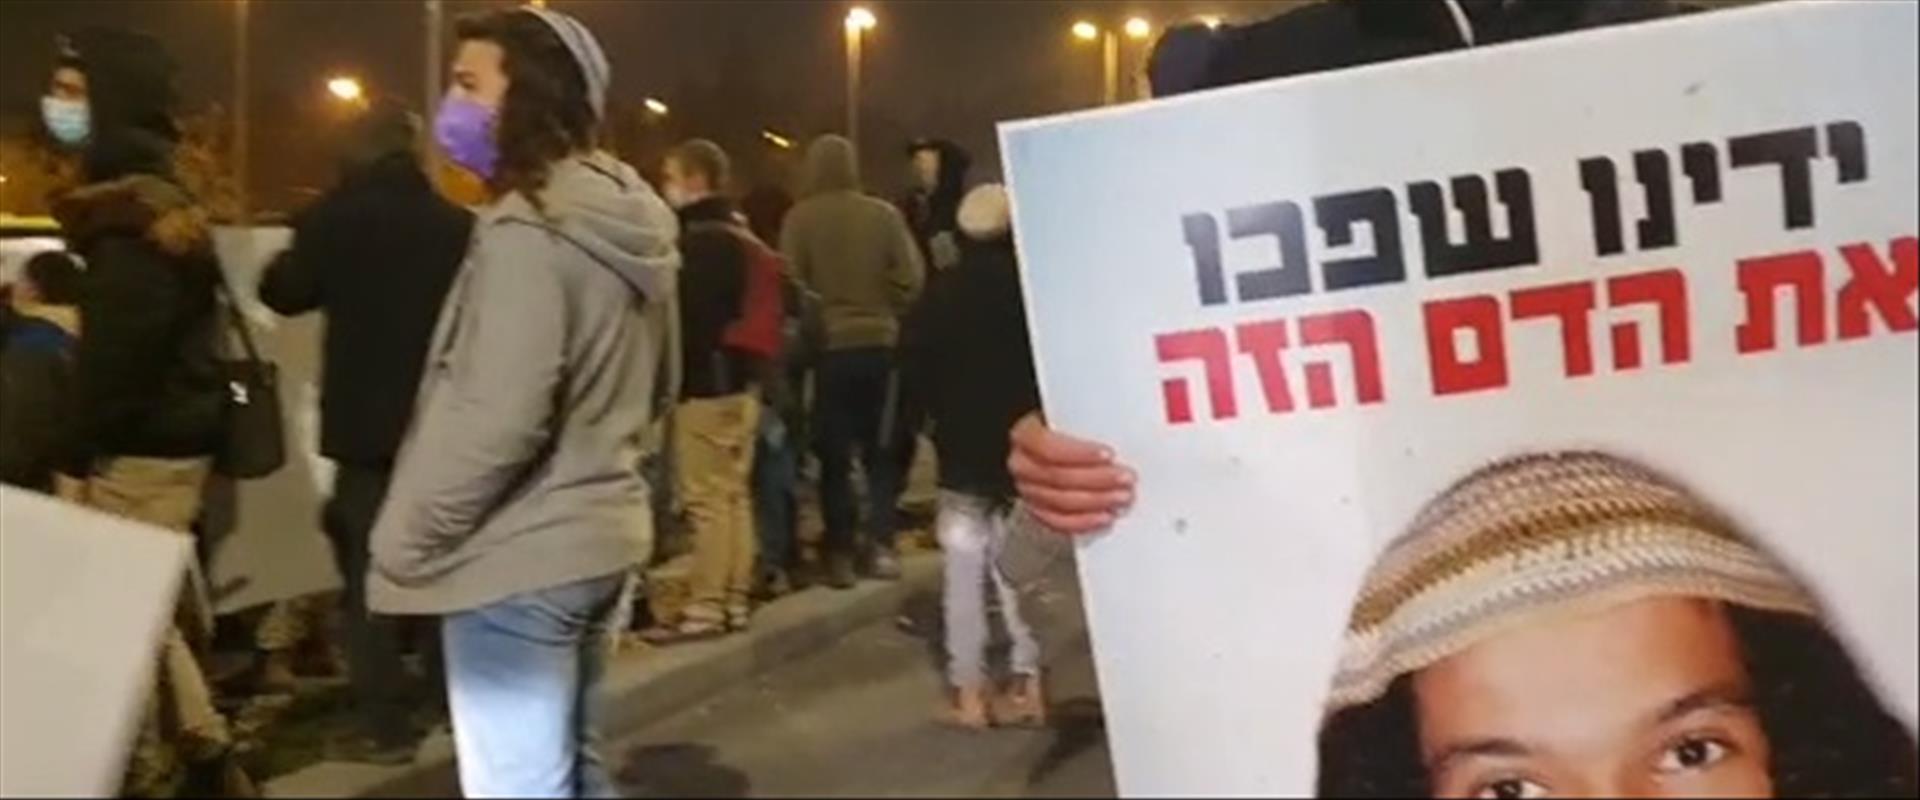 המחאה על מות אהוביה סנדק, ארכיון